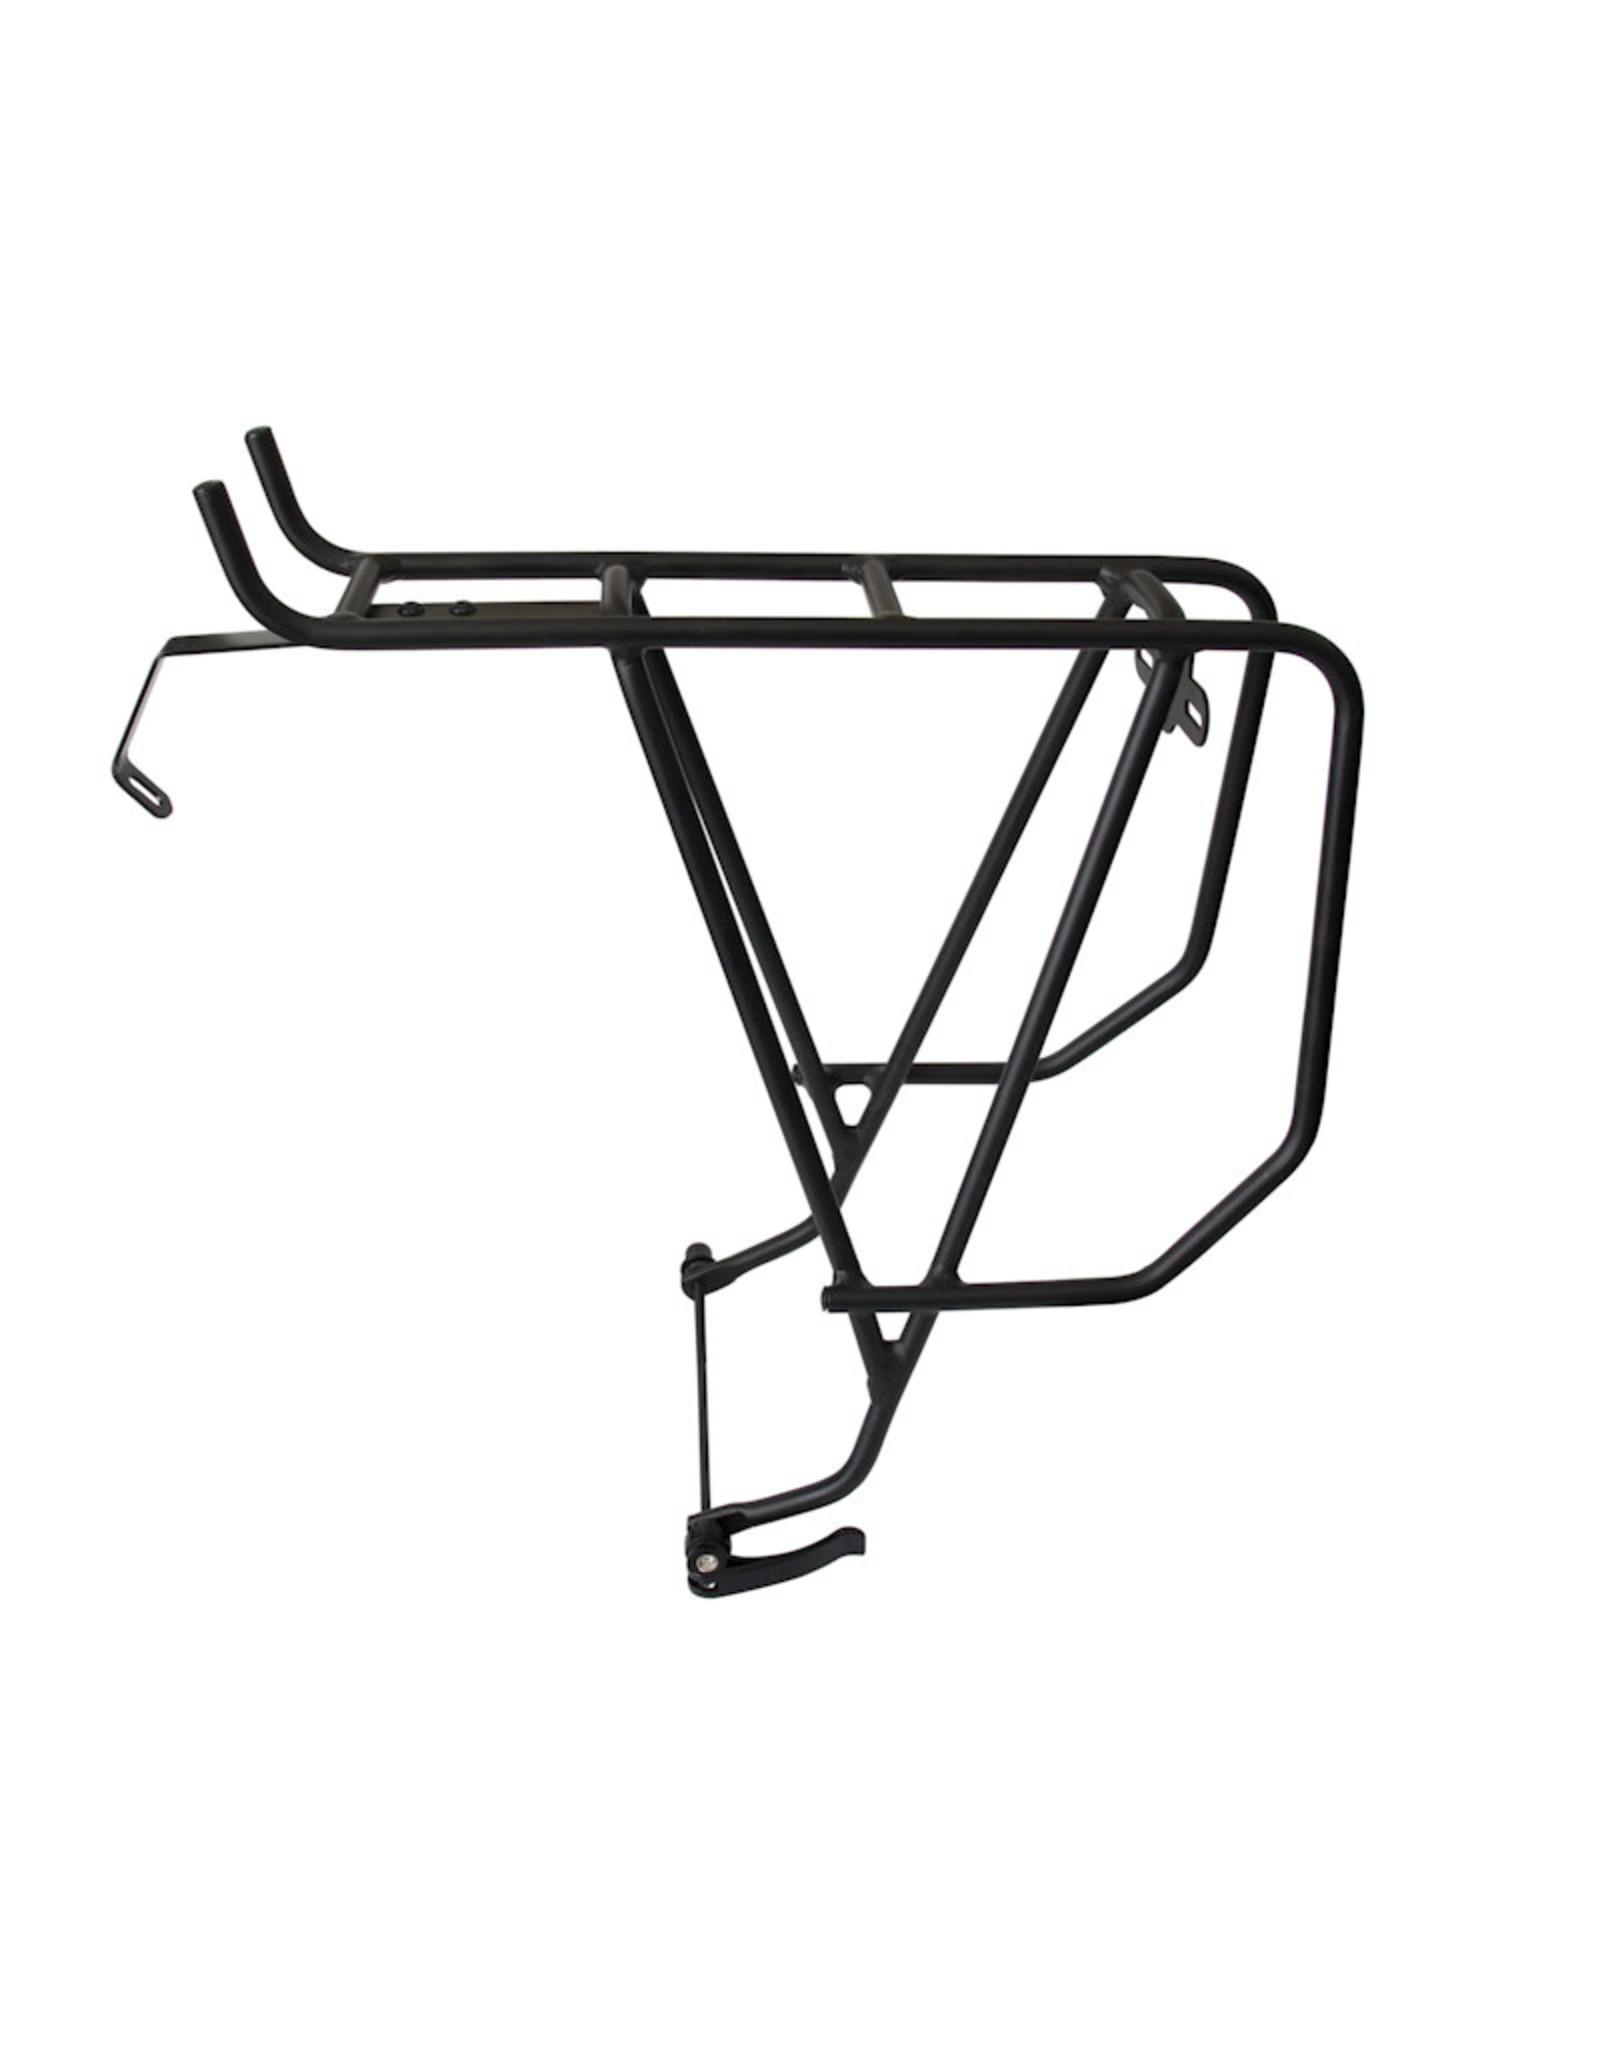 Damco Porte-Bagage pour vélo de route Alliage Noir